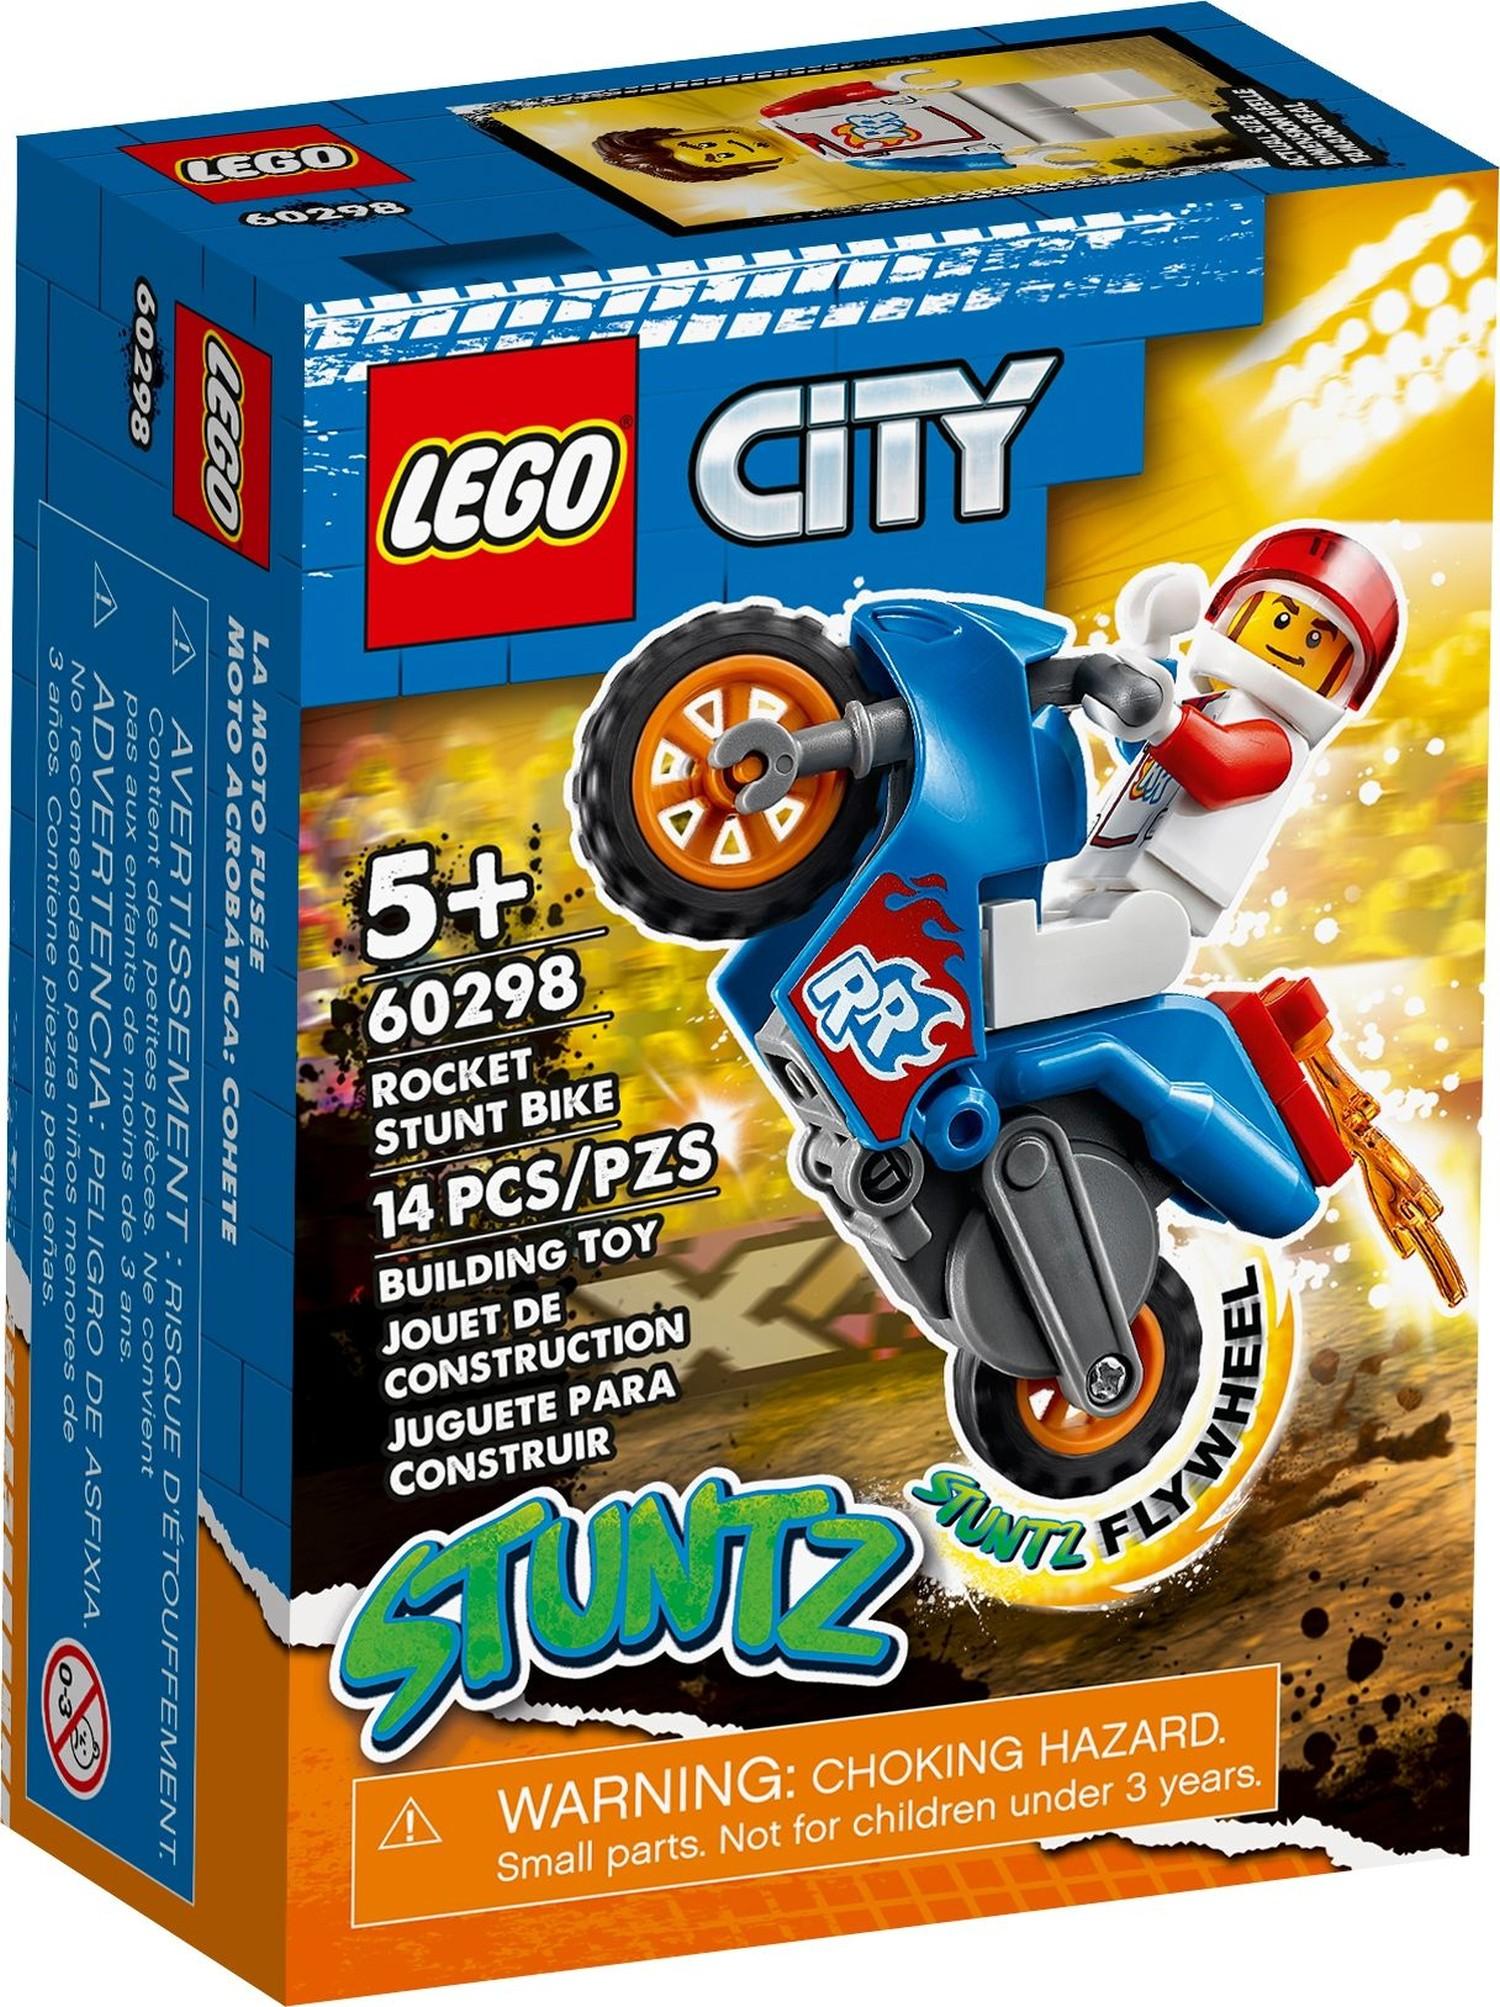 レゴ(LEGO) シティ ロケット・スタントバイク 60298